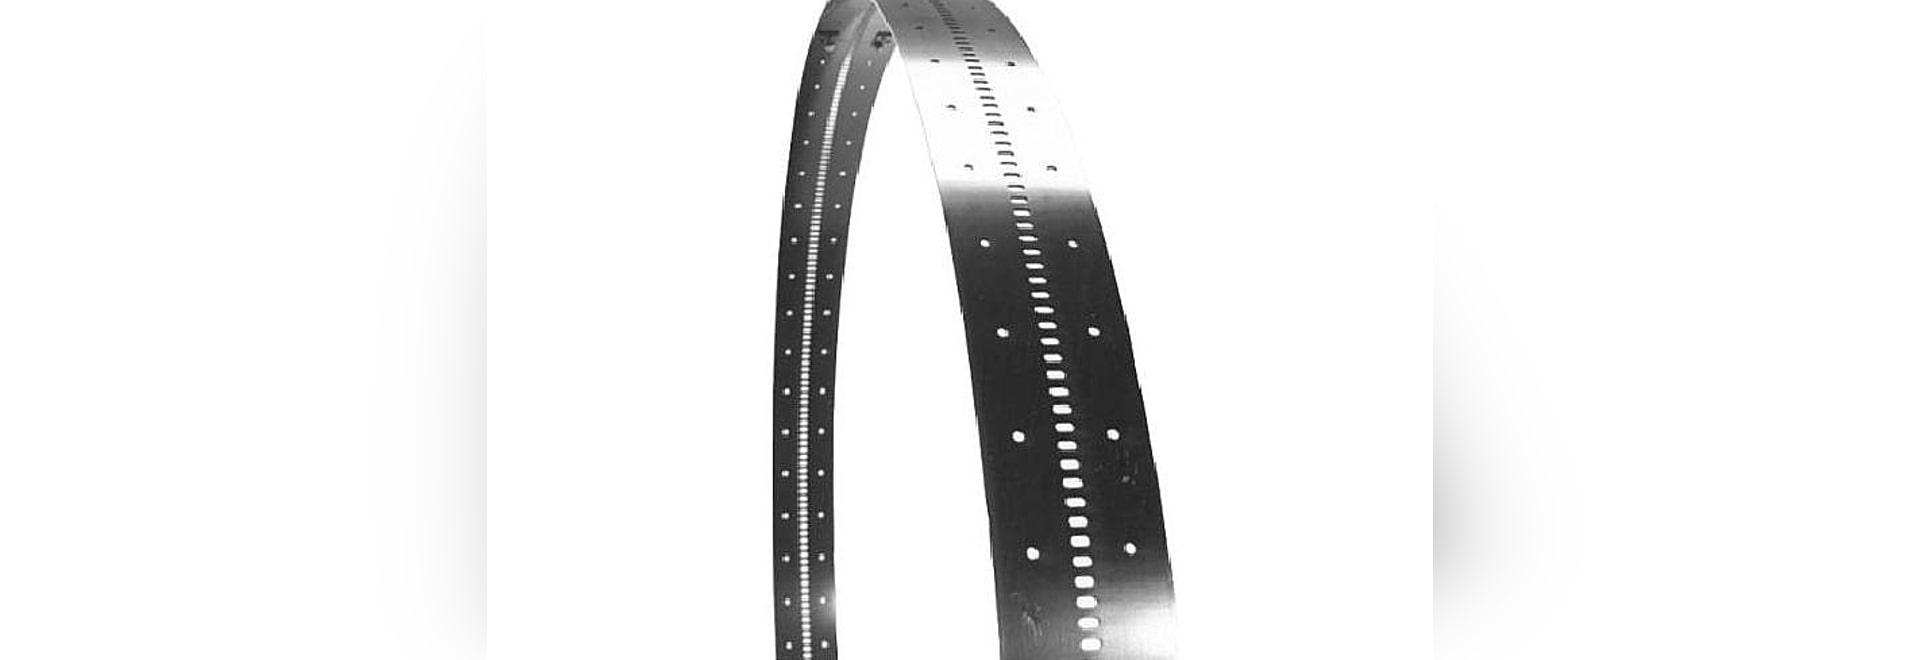 GK-192-F-054-2, KAT® Flexible Track Gullco